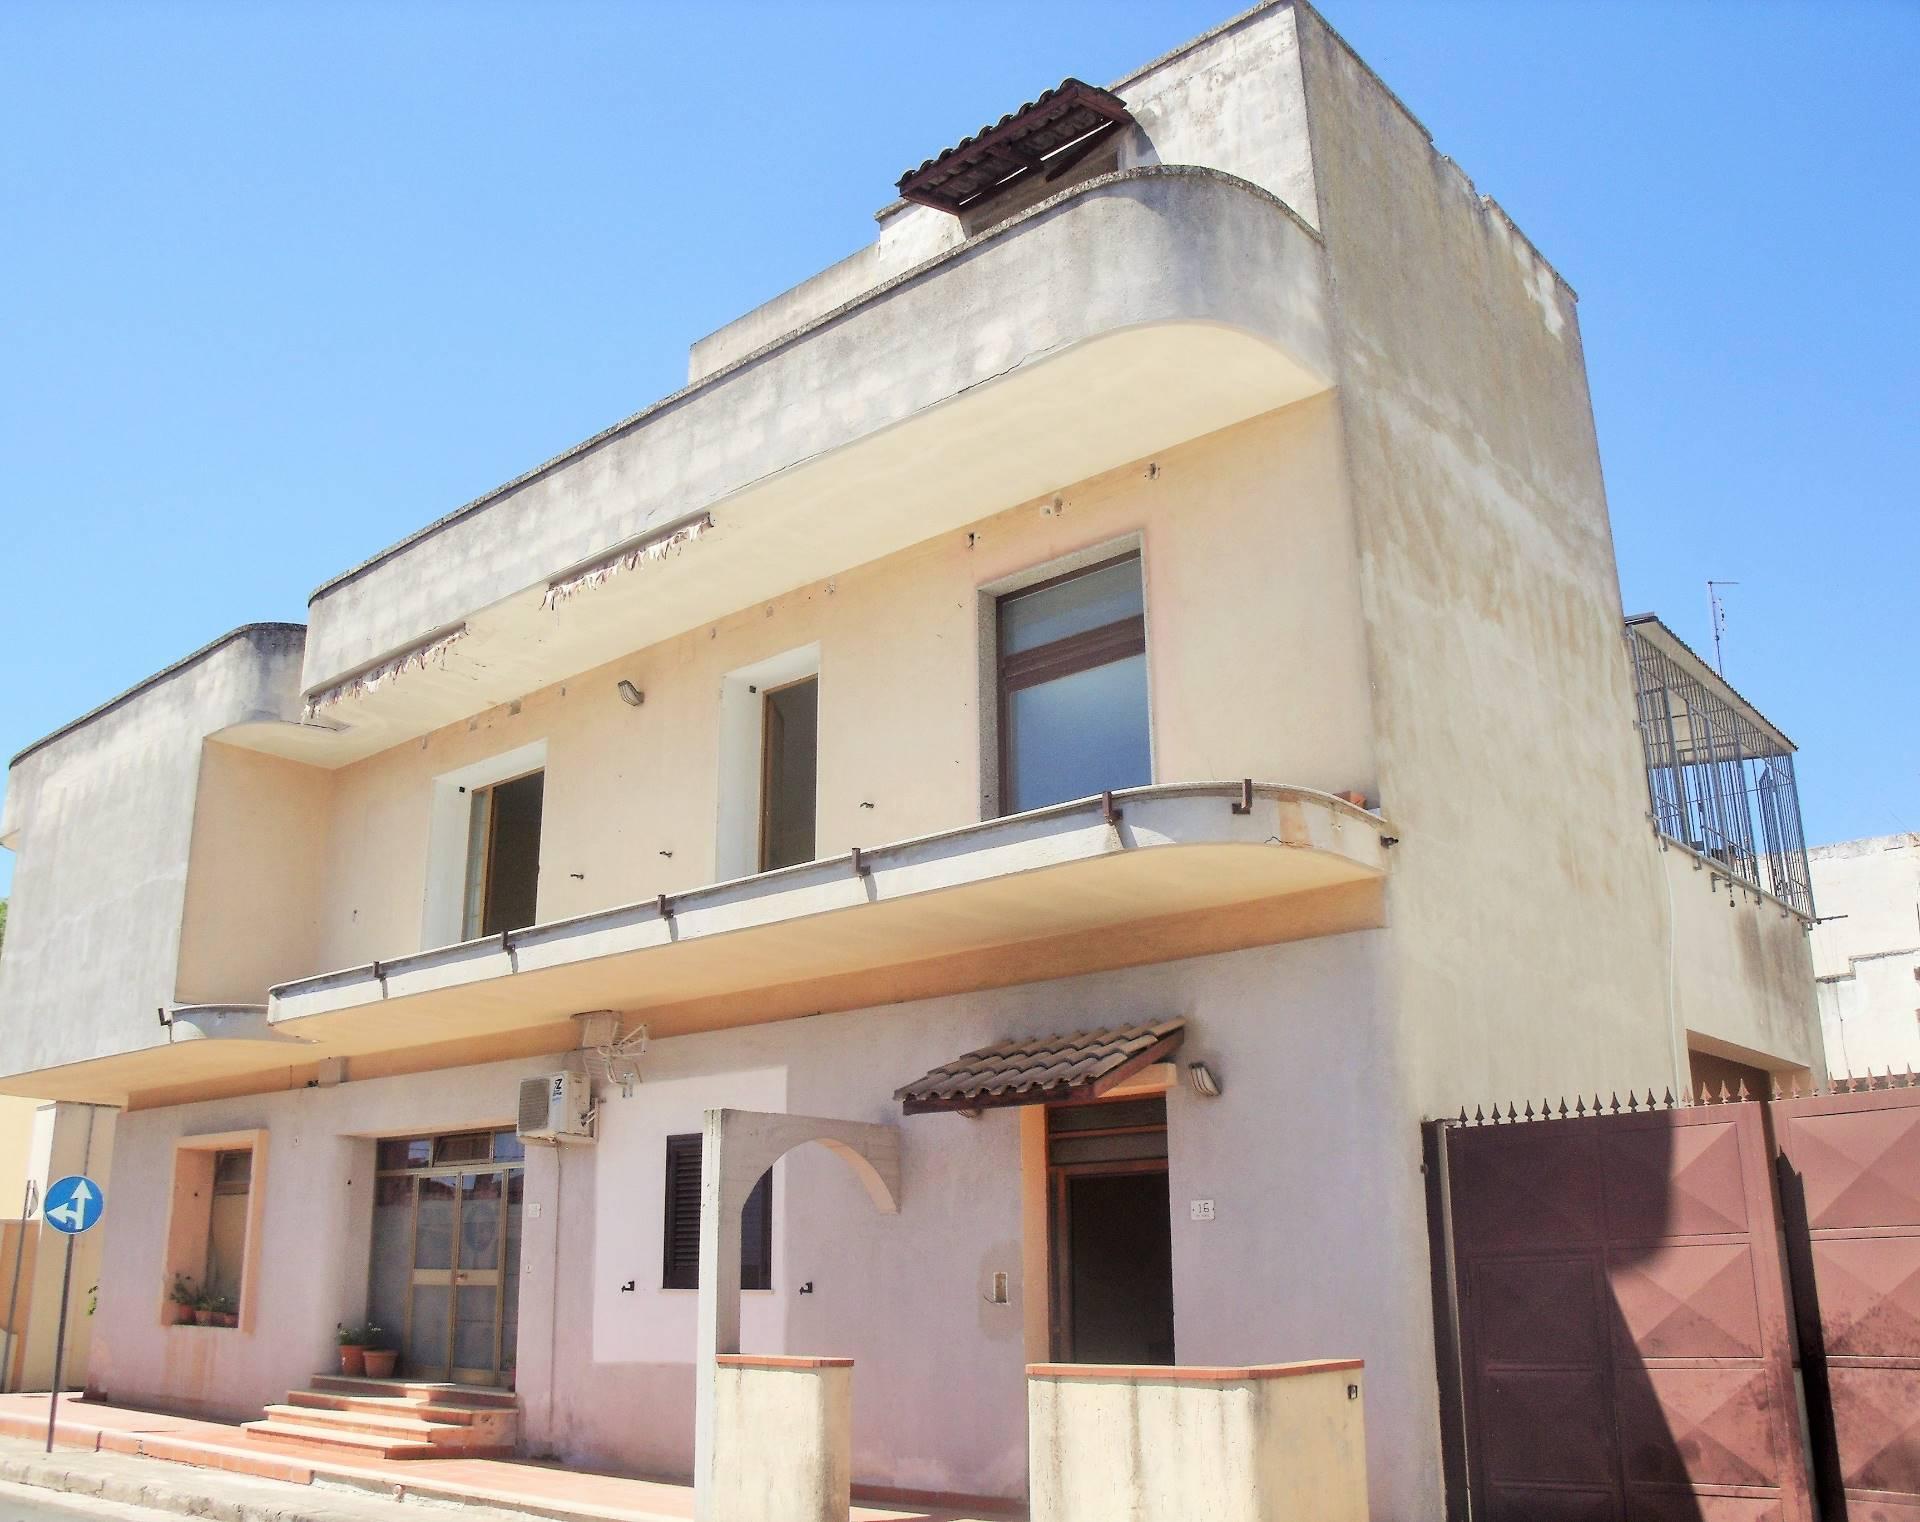 Soluzione Indipendente in vendita a Melissano, 6 locali, prezzo € 90.000 | CambioCasa.it